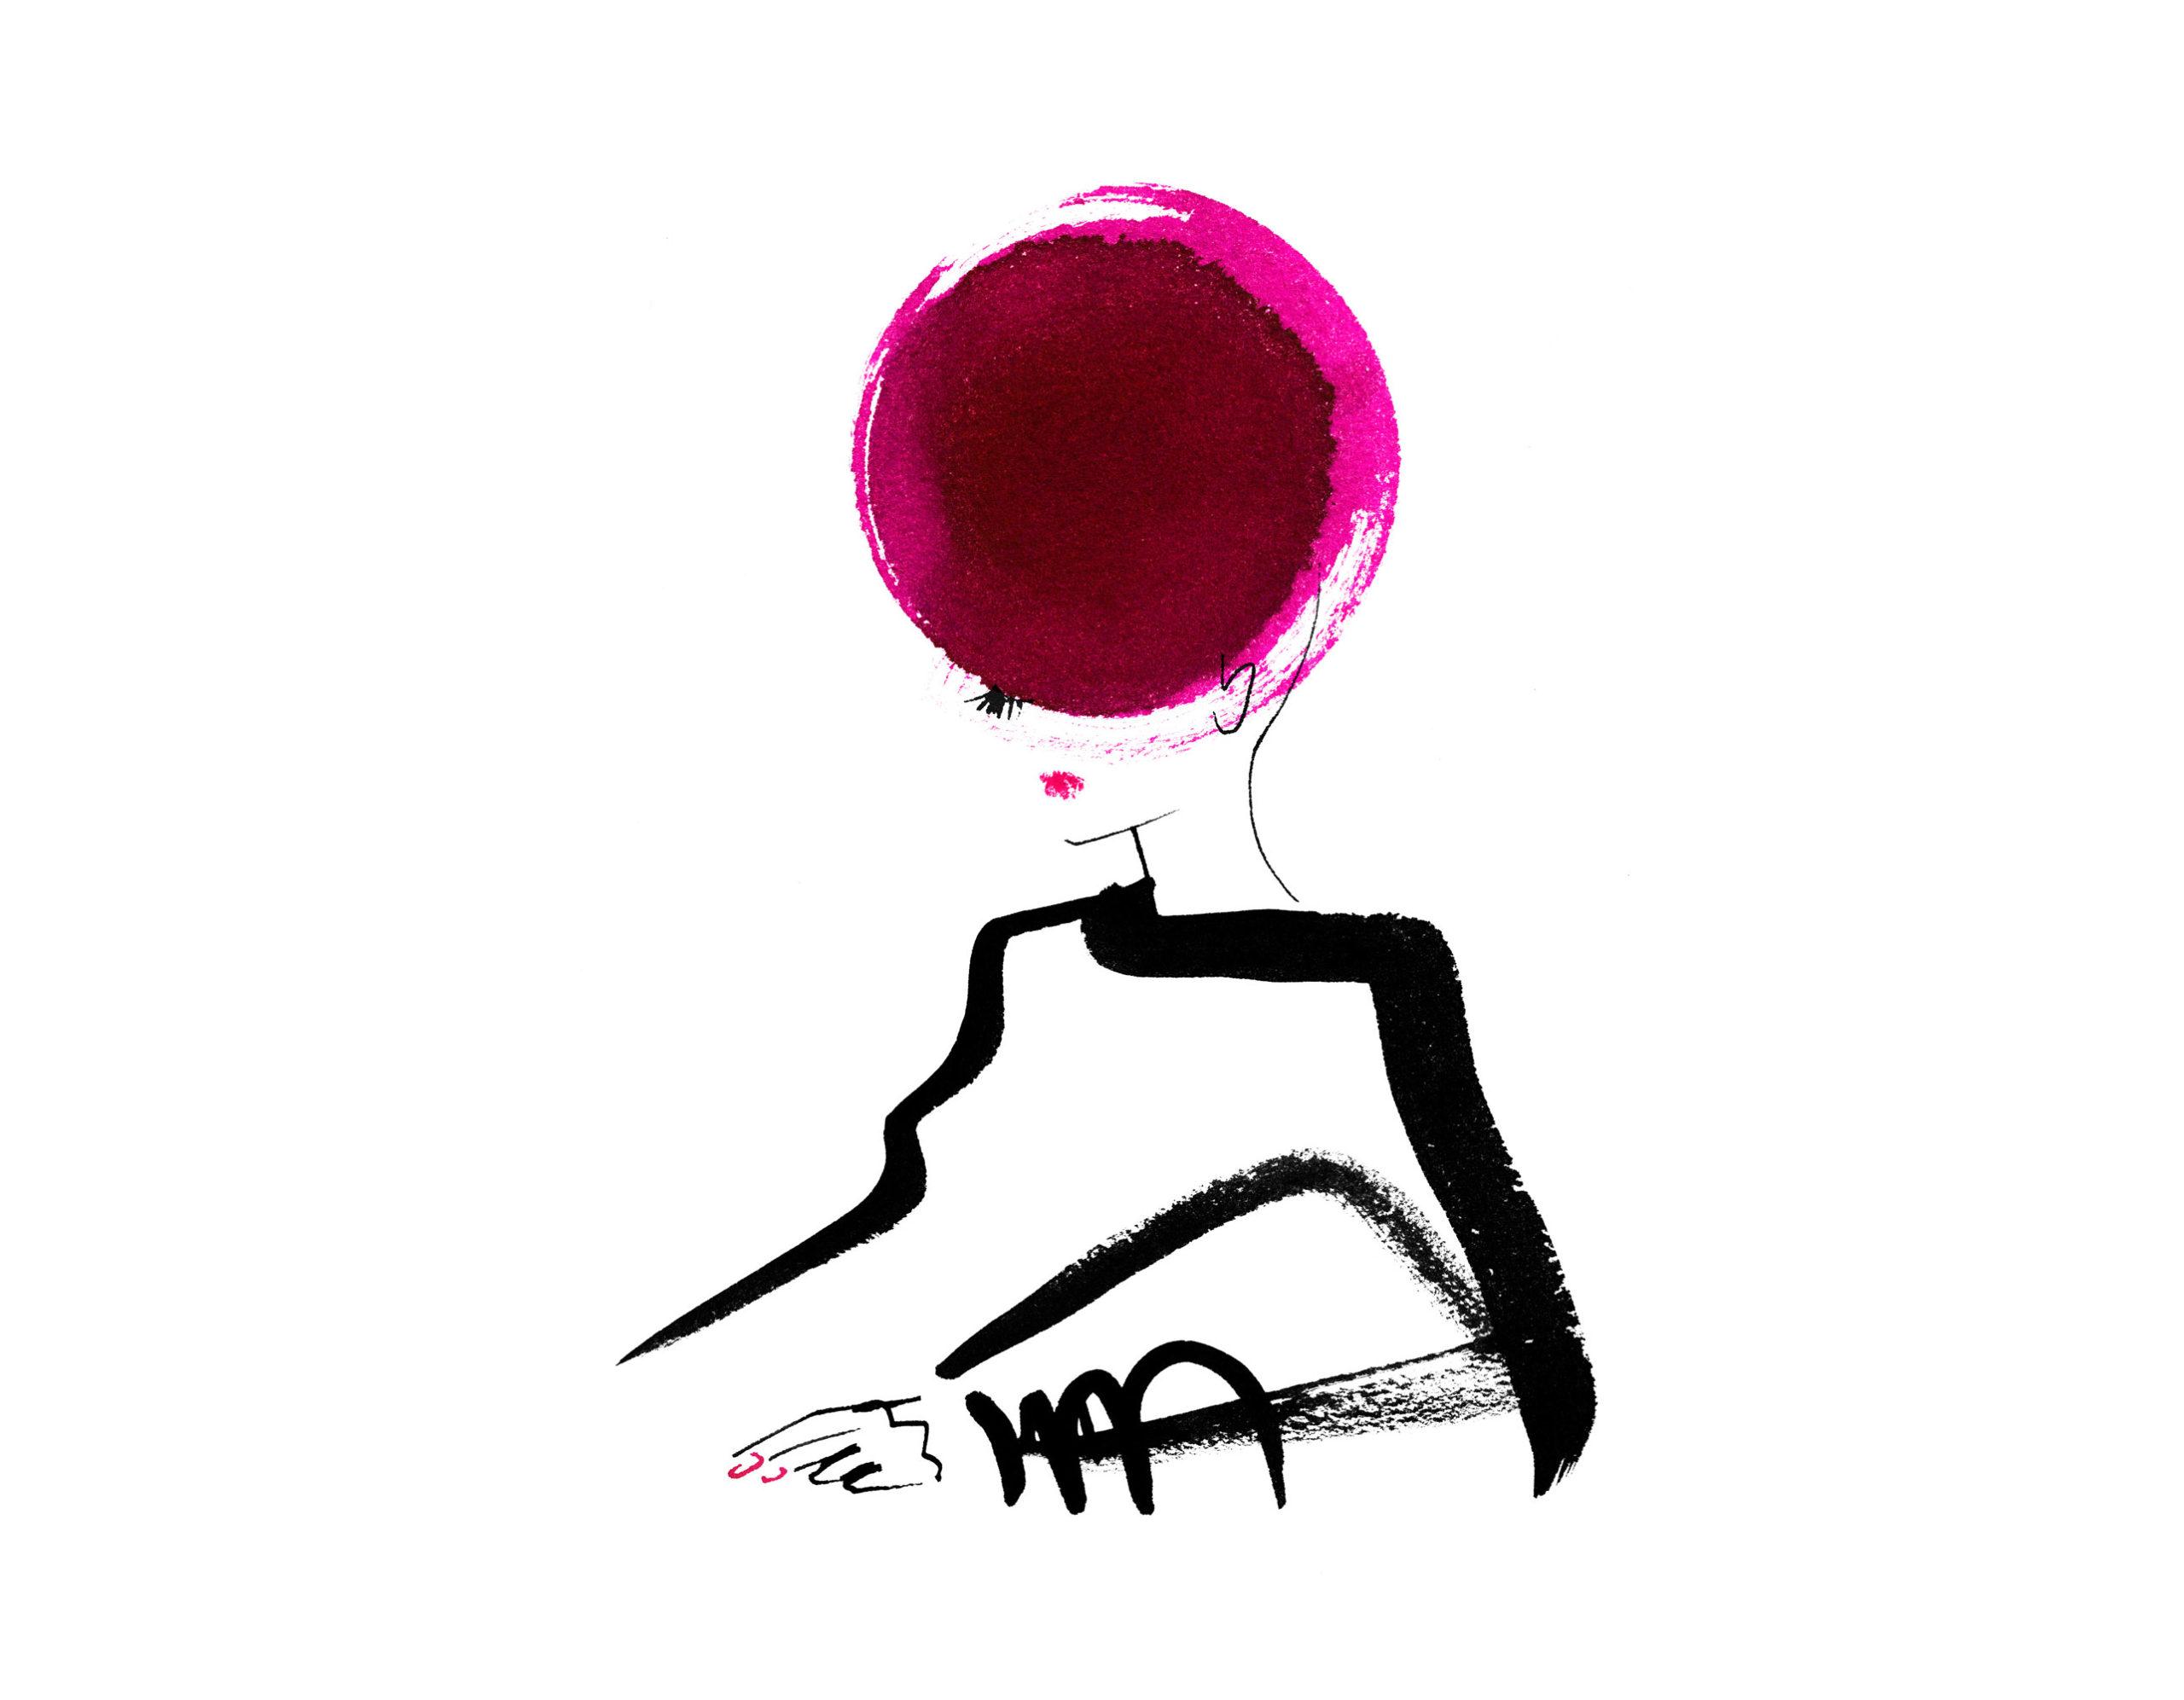 Lovisa Burfitt illustration Galeries-Lafayette-allongee